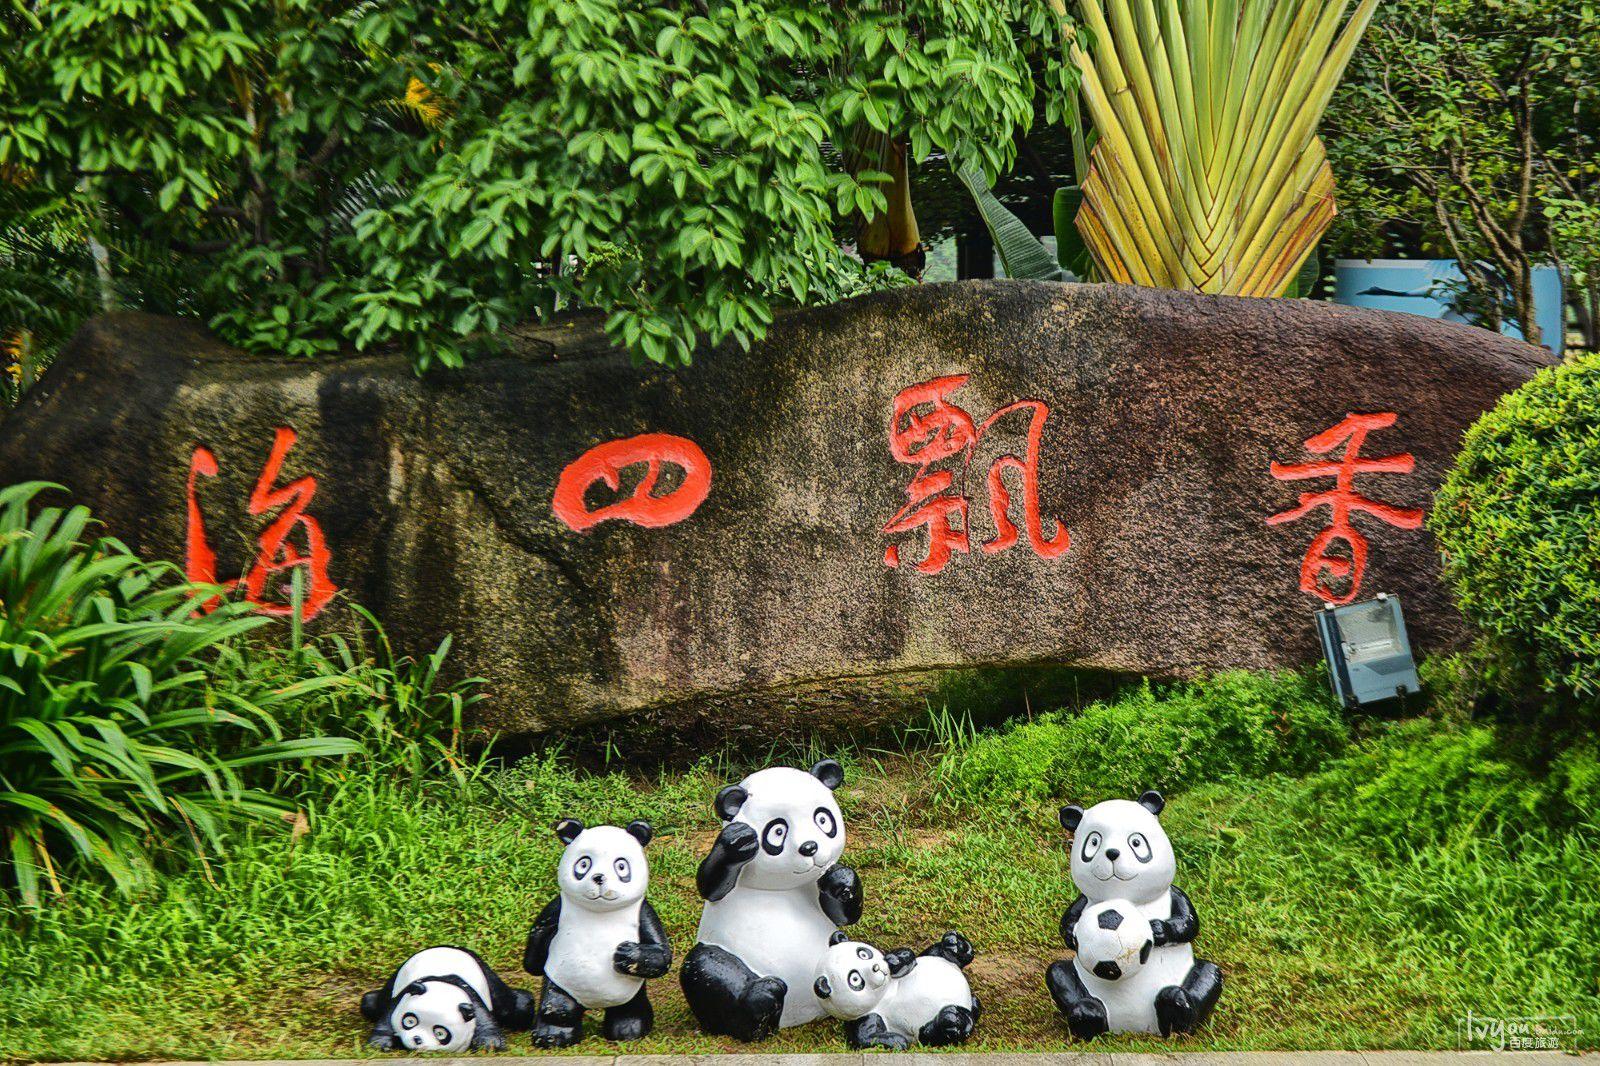 天啦噜,东莞香市动物园有大熊猫啦!